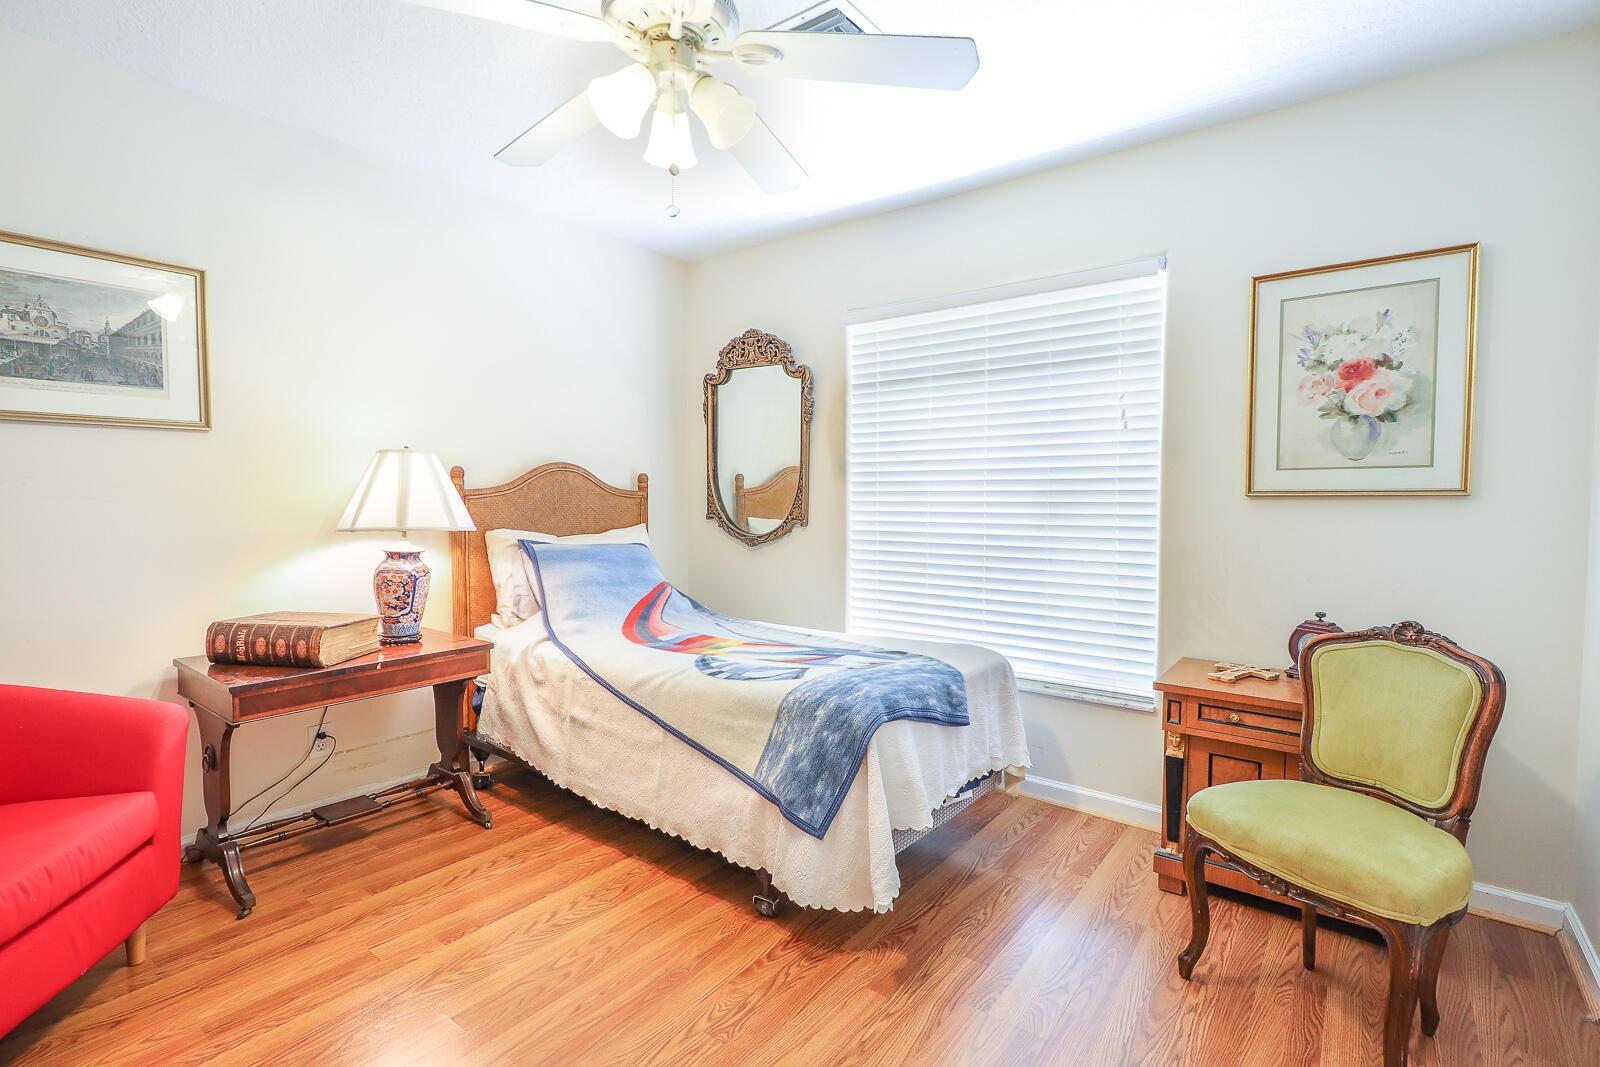 38-Bedroom 3